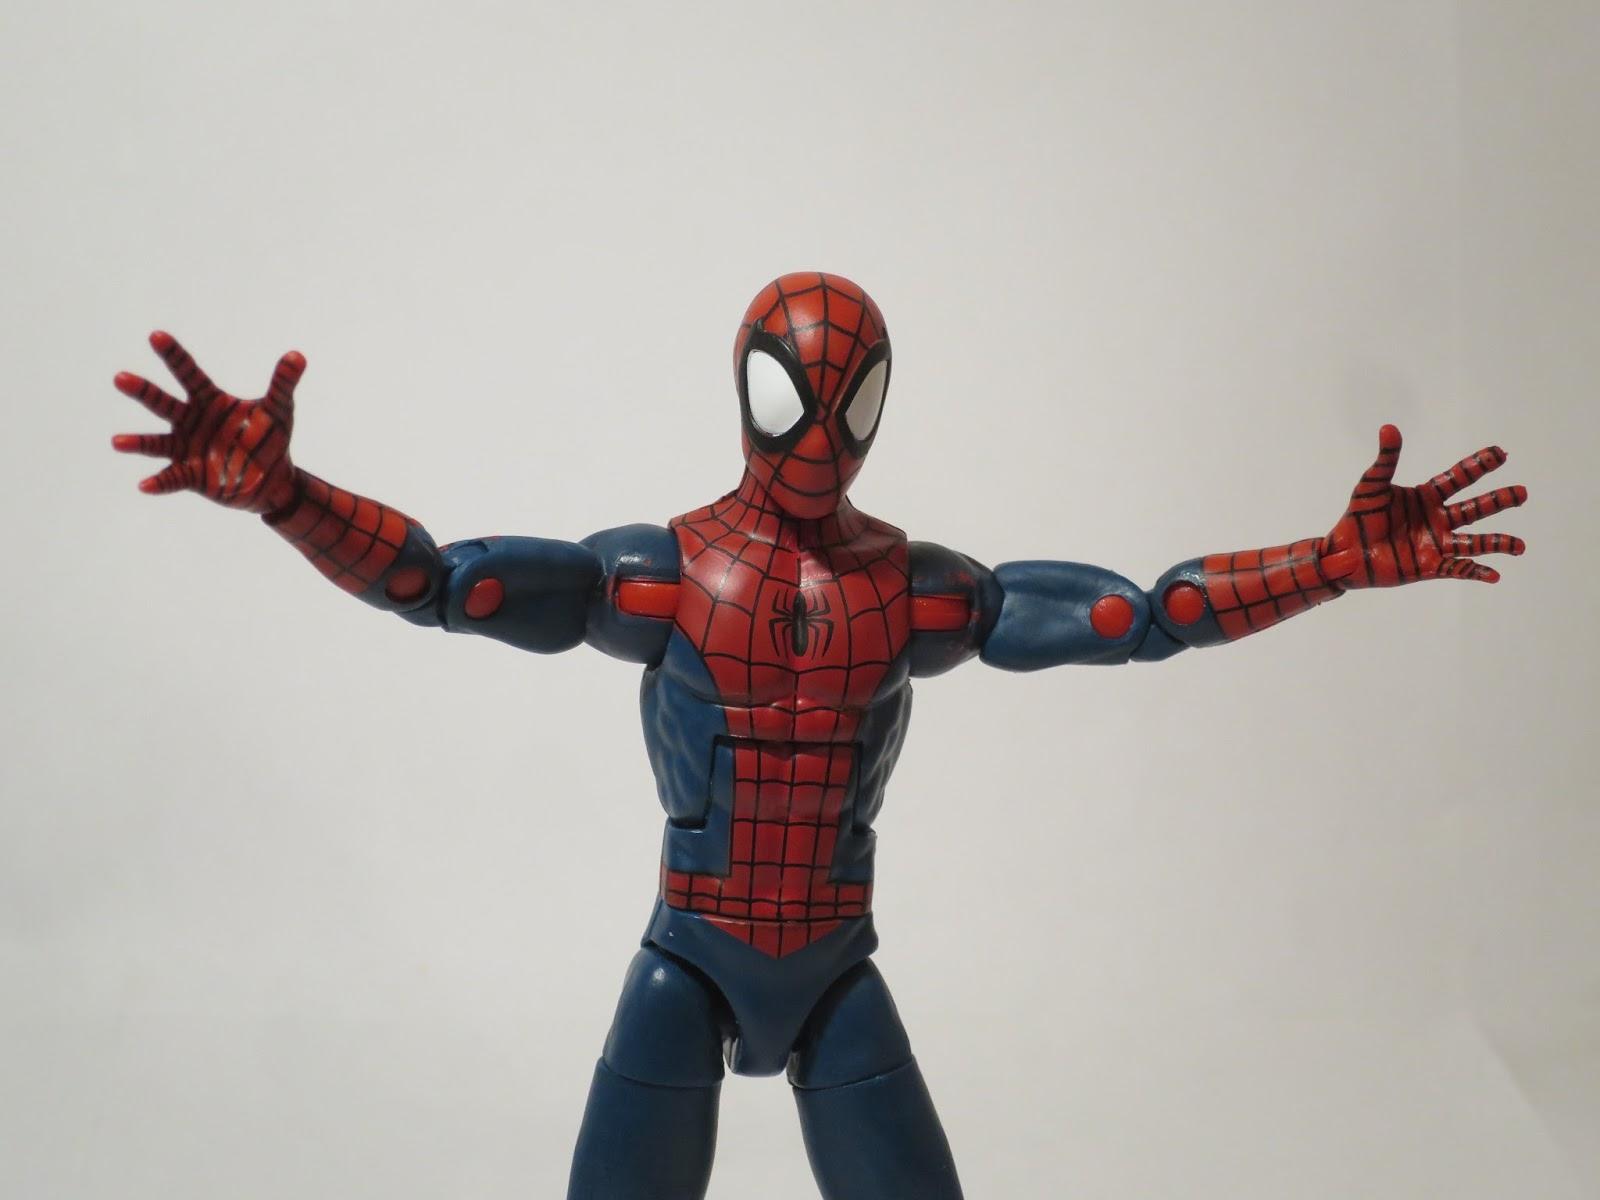 ultimate spider man venom toy - photo #19